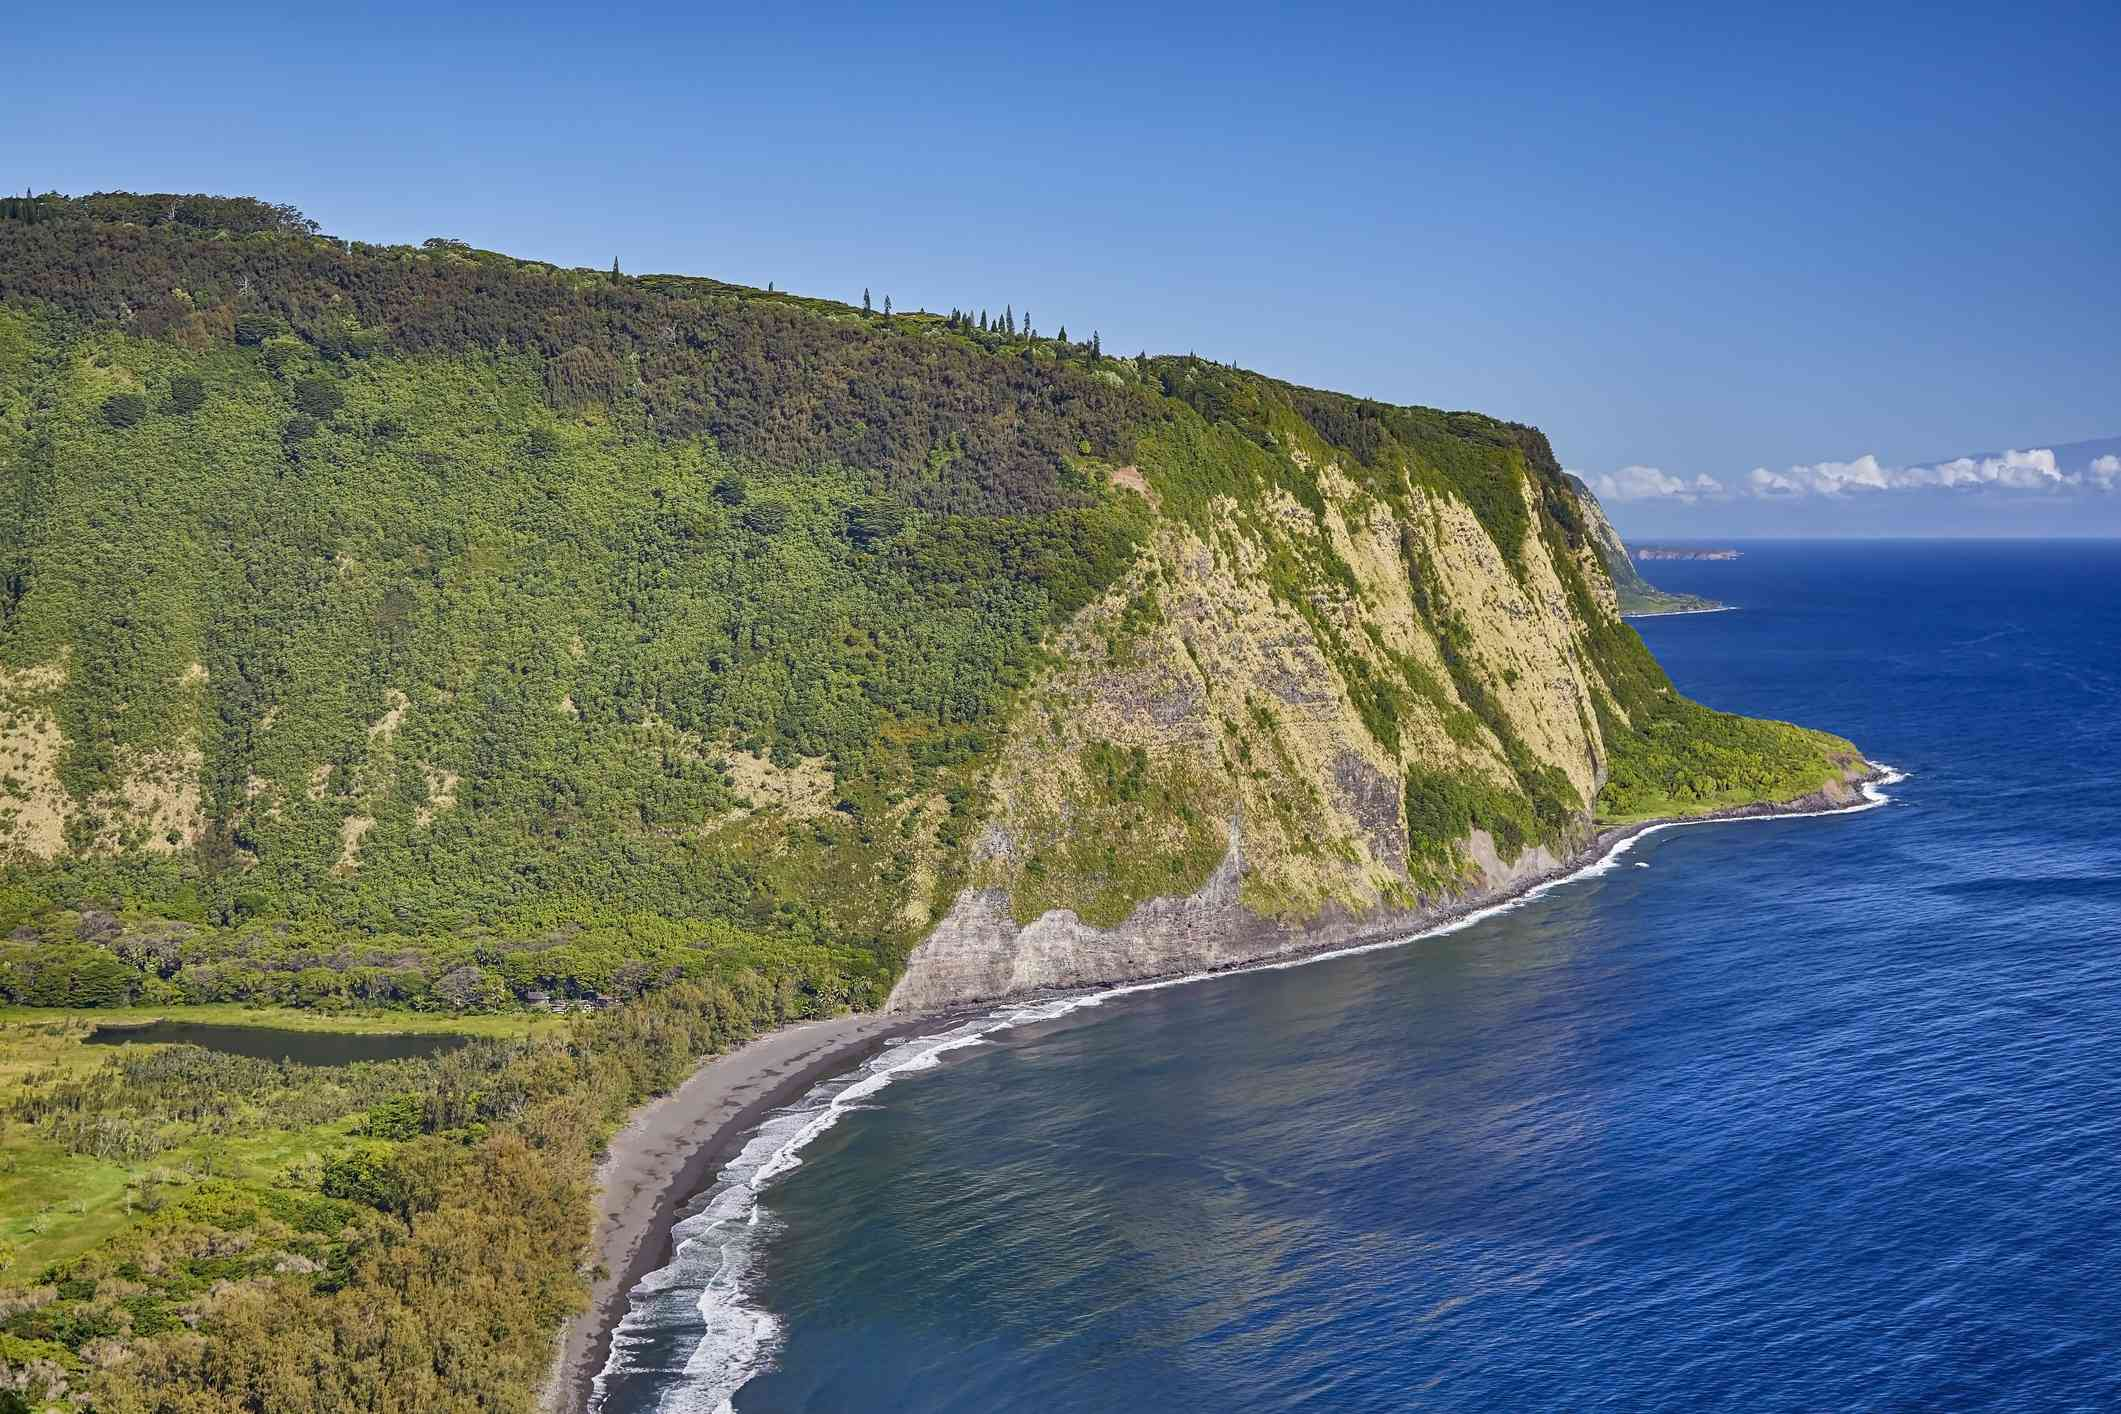 Hamakua Coast on Hawaii Island